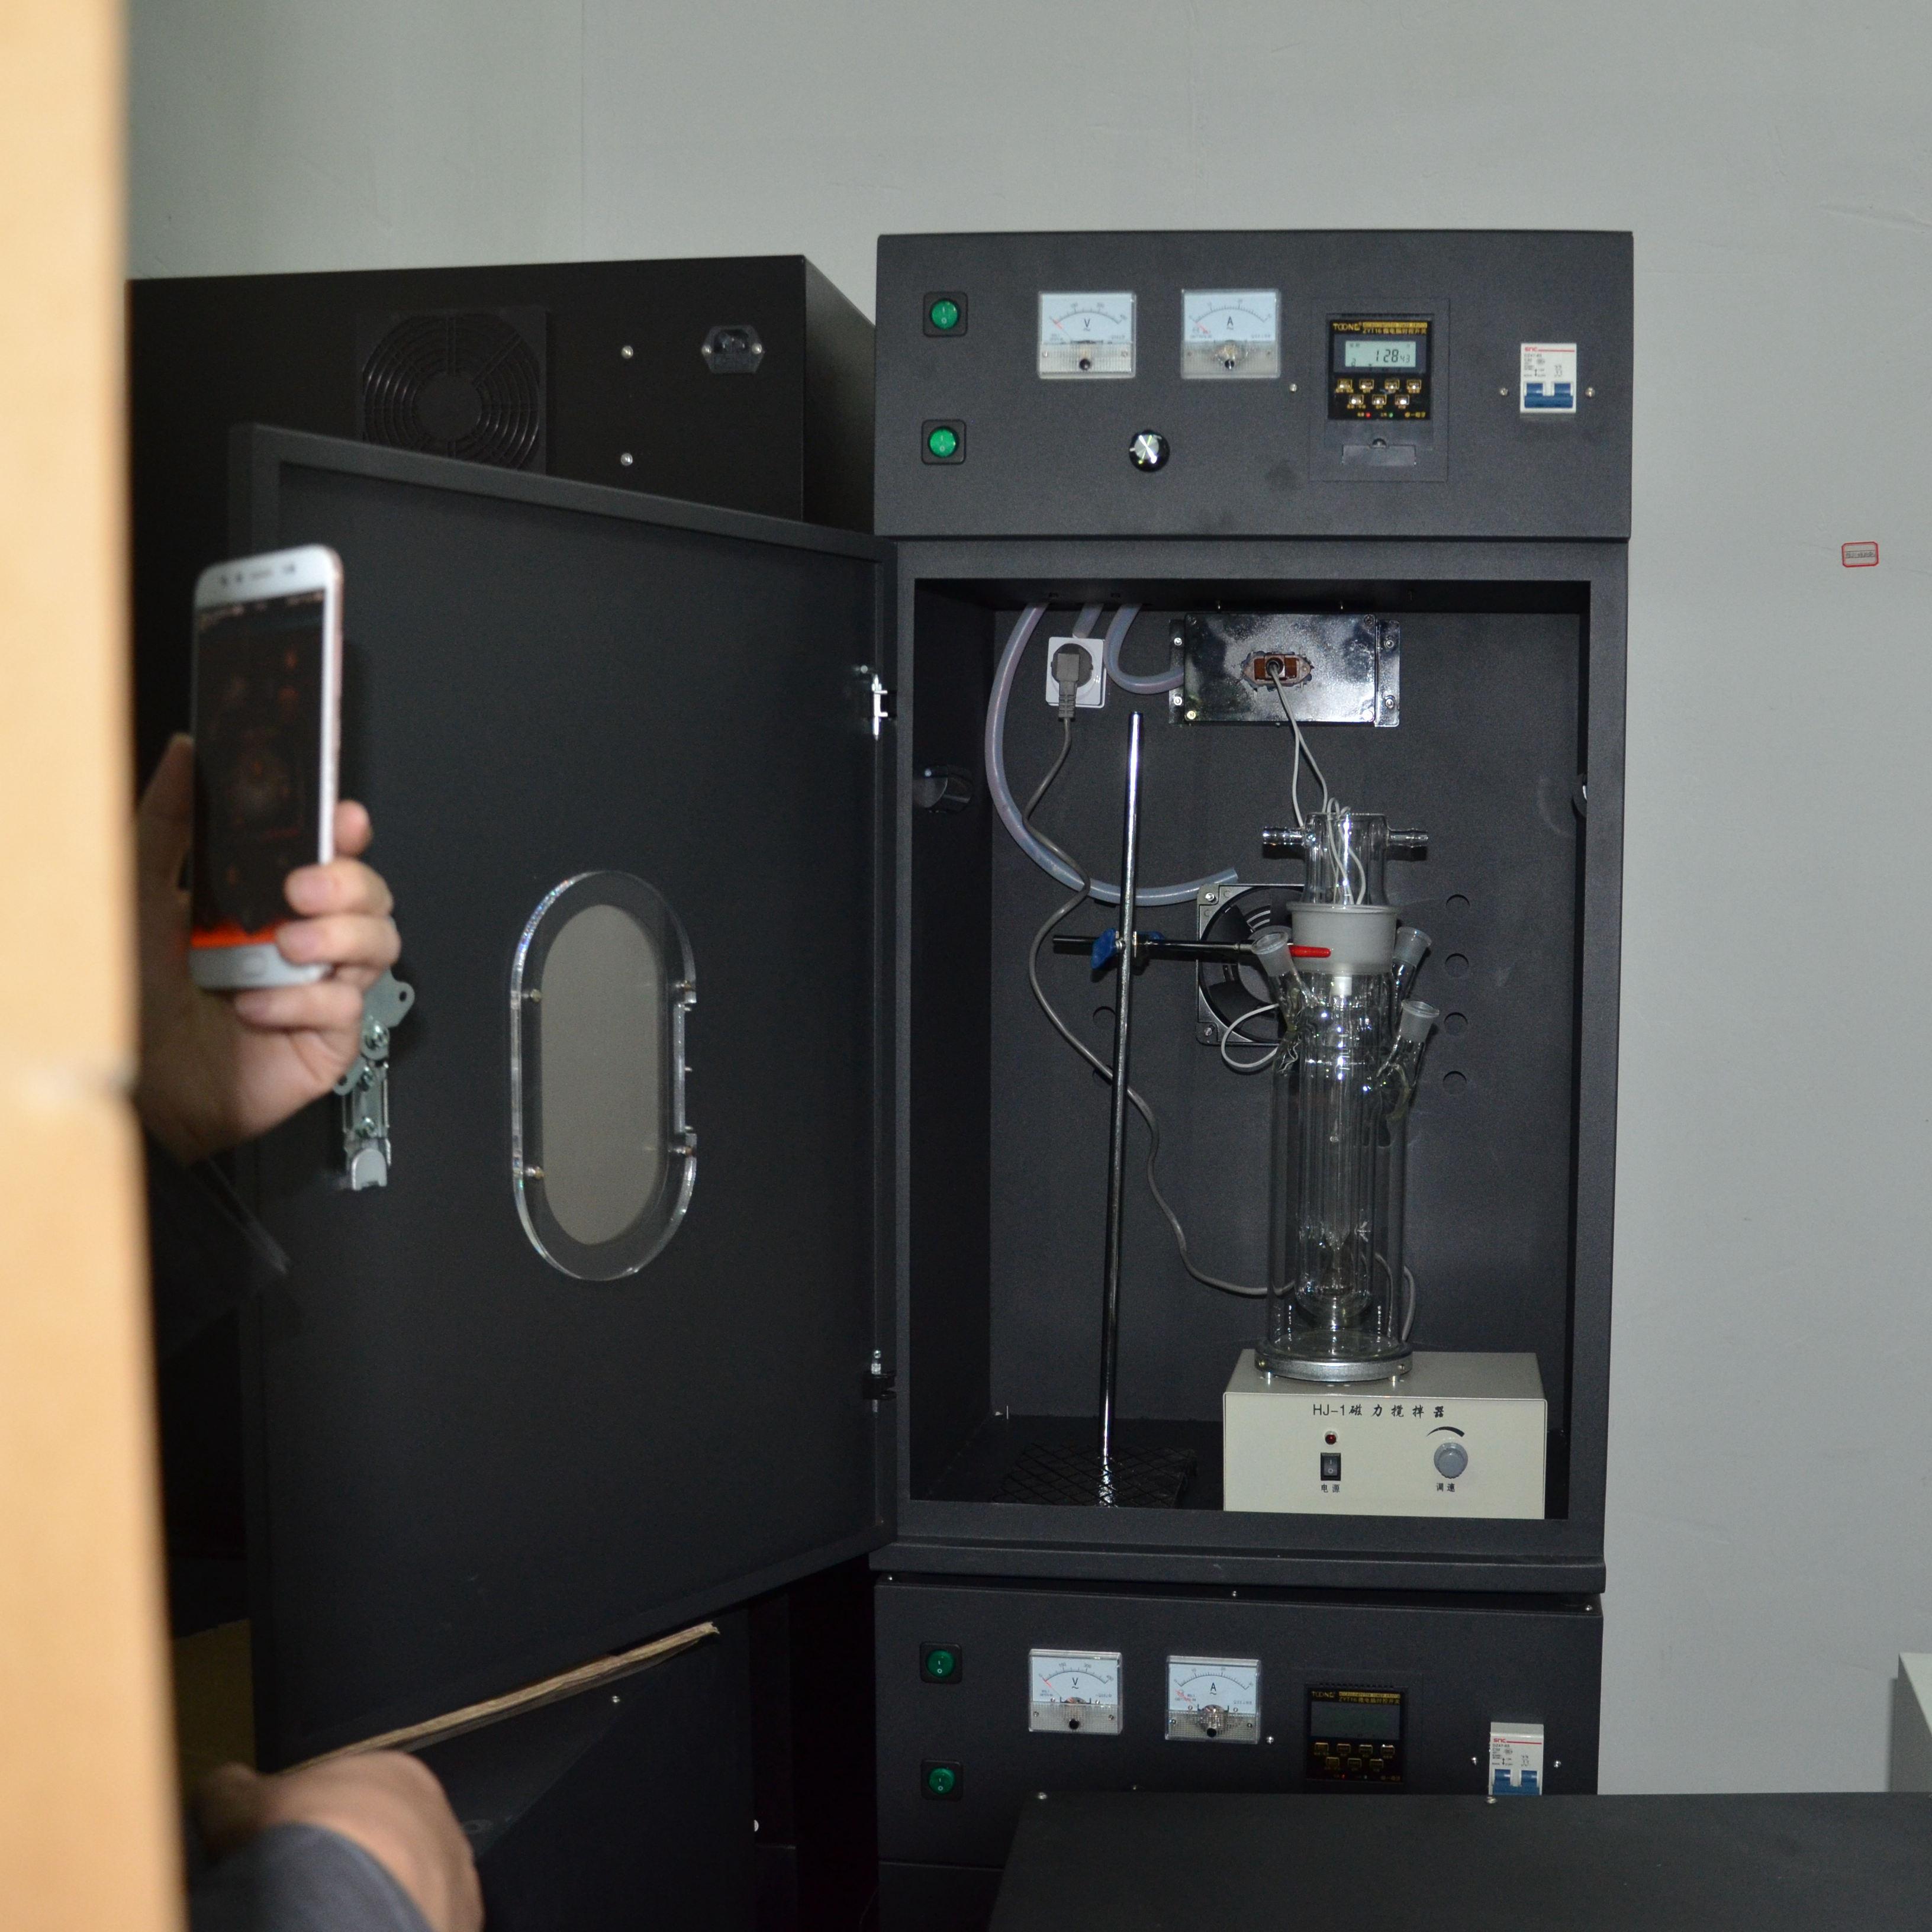 菲跃FY-GHX2光化学反应仪器大容量光化学反应系统